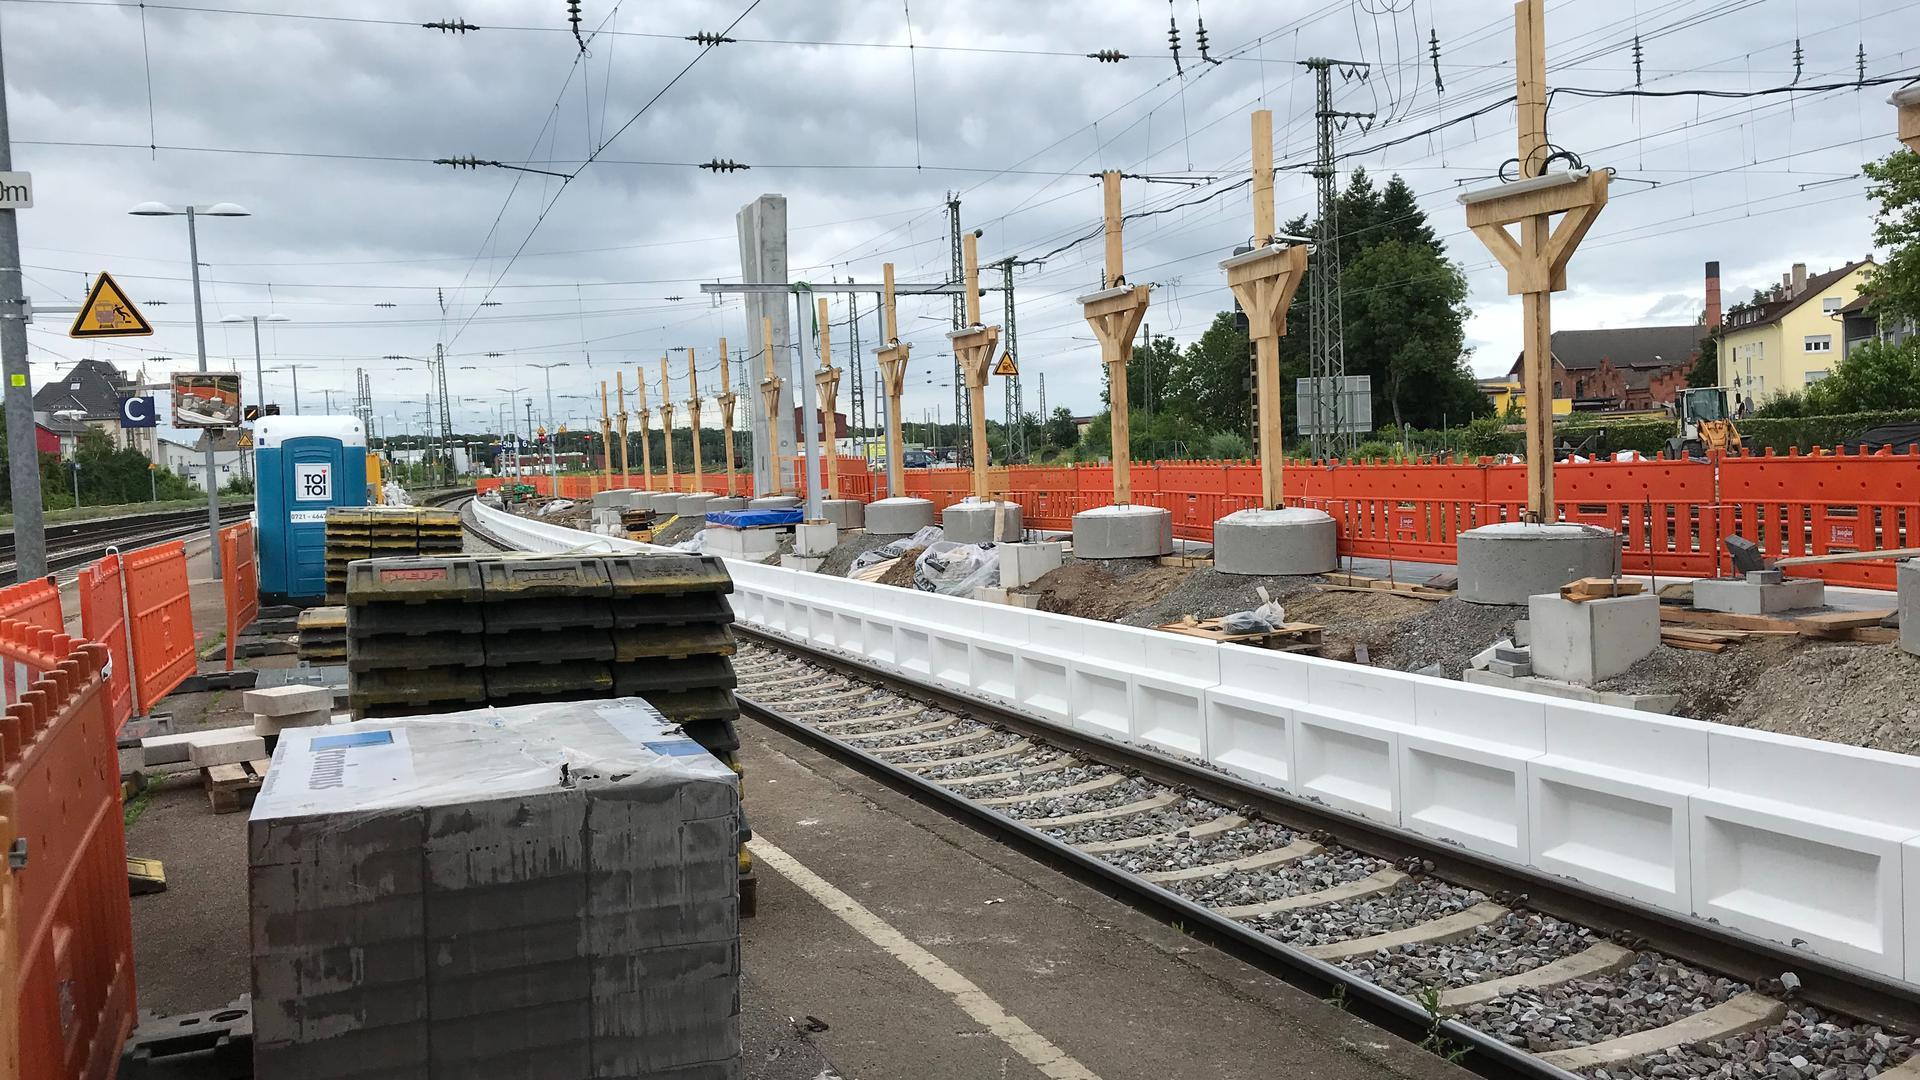 Bahngleis, Bauteile